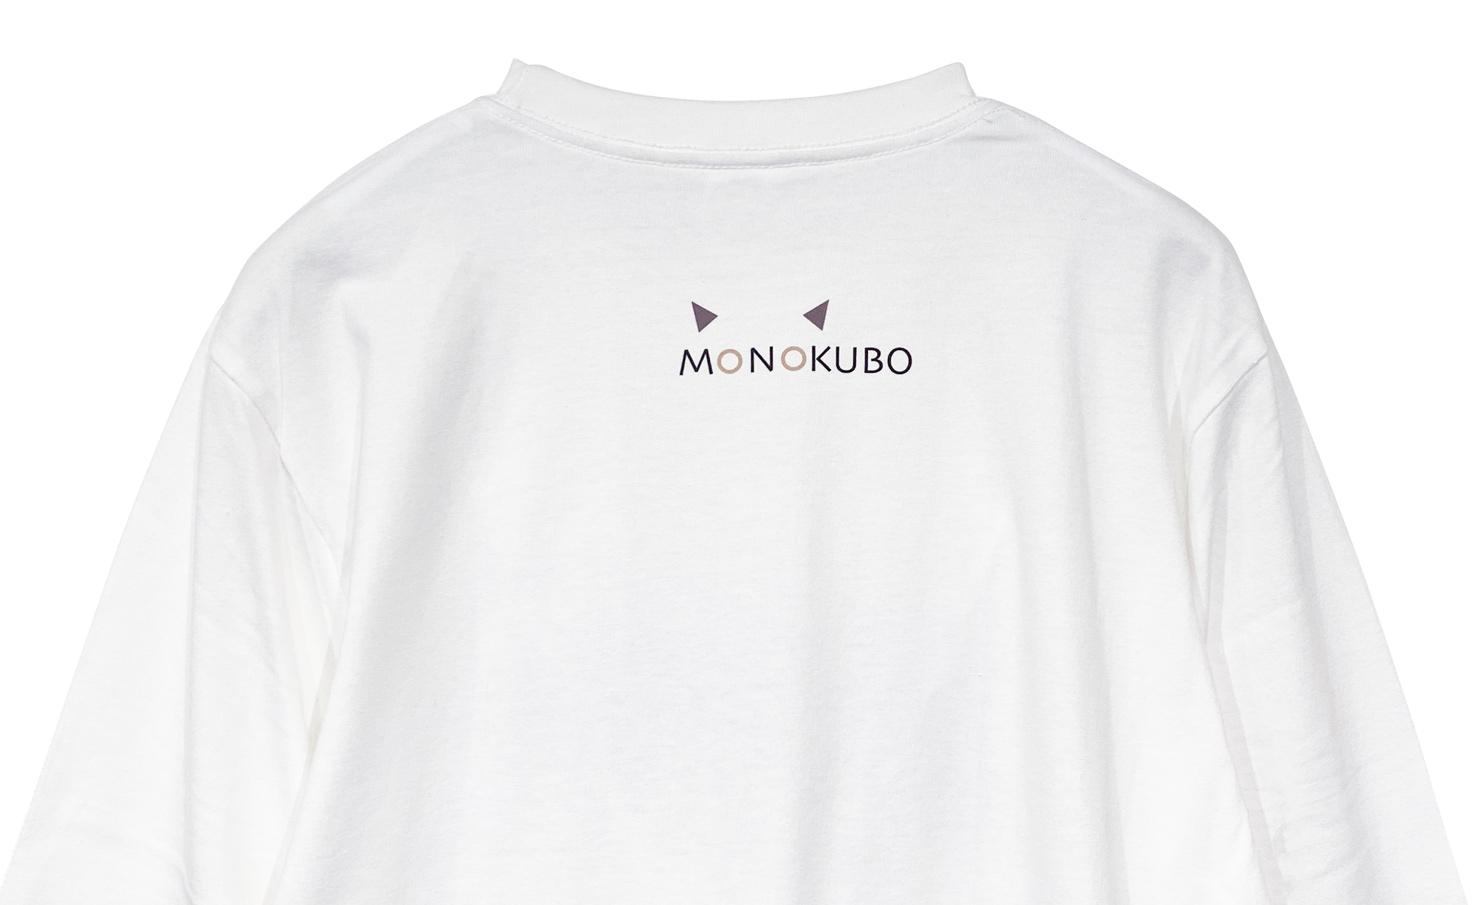 ロングスリーブ クロネコ Tシャツ(White)